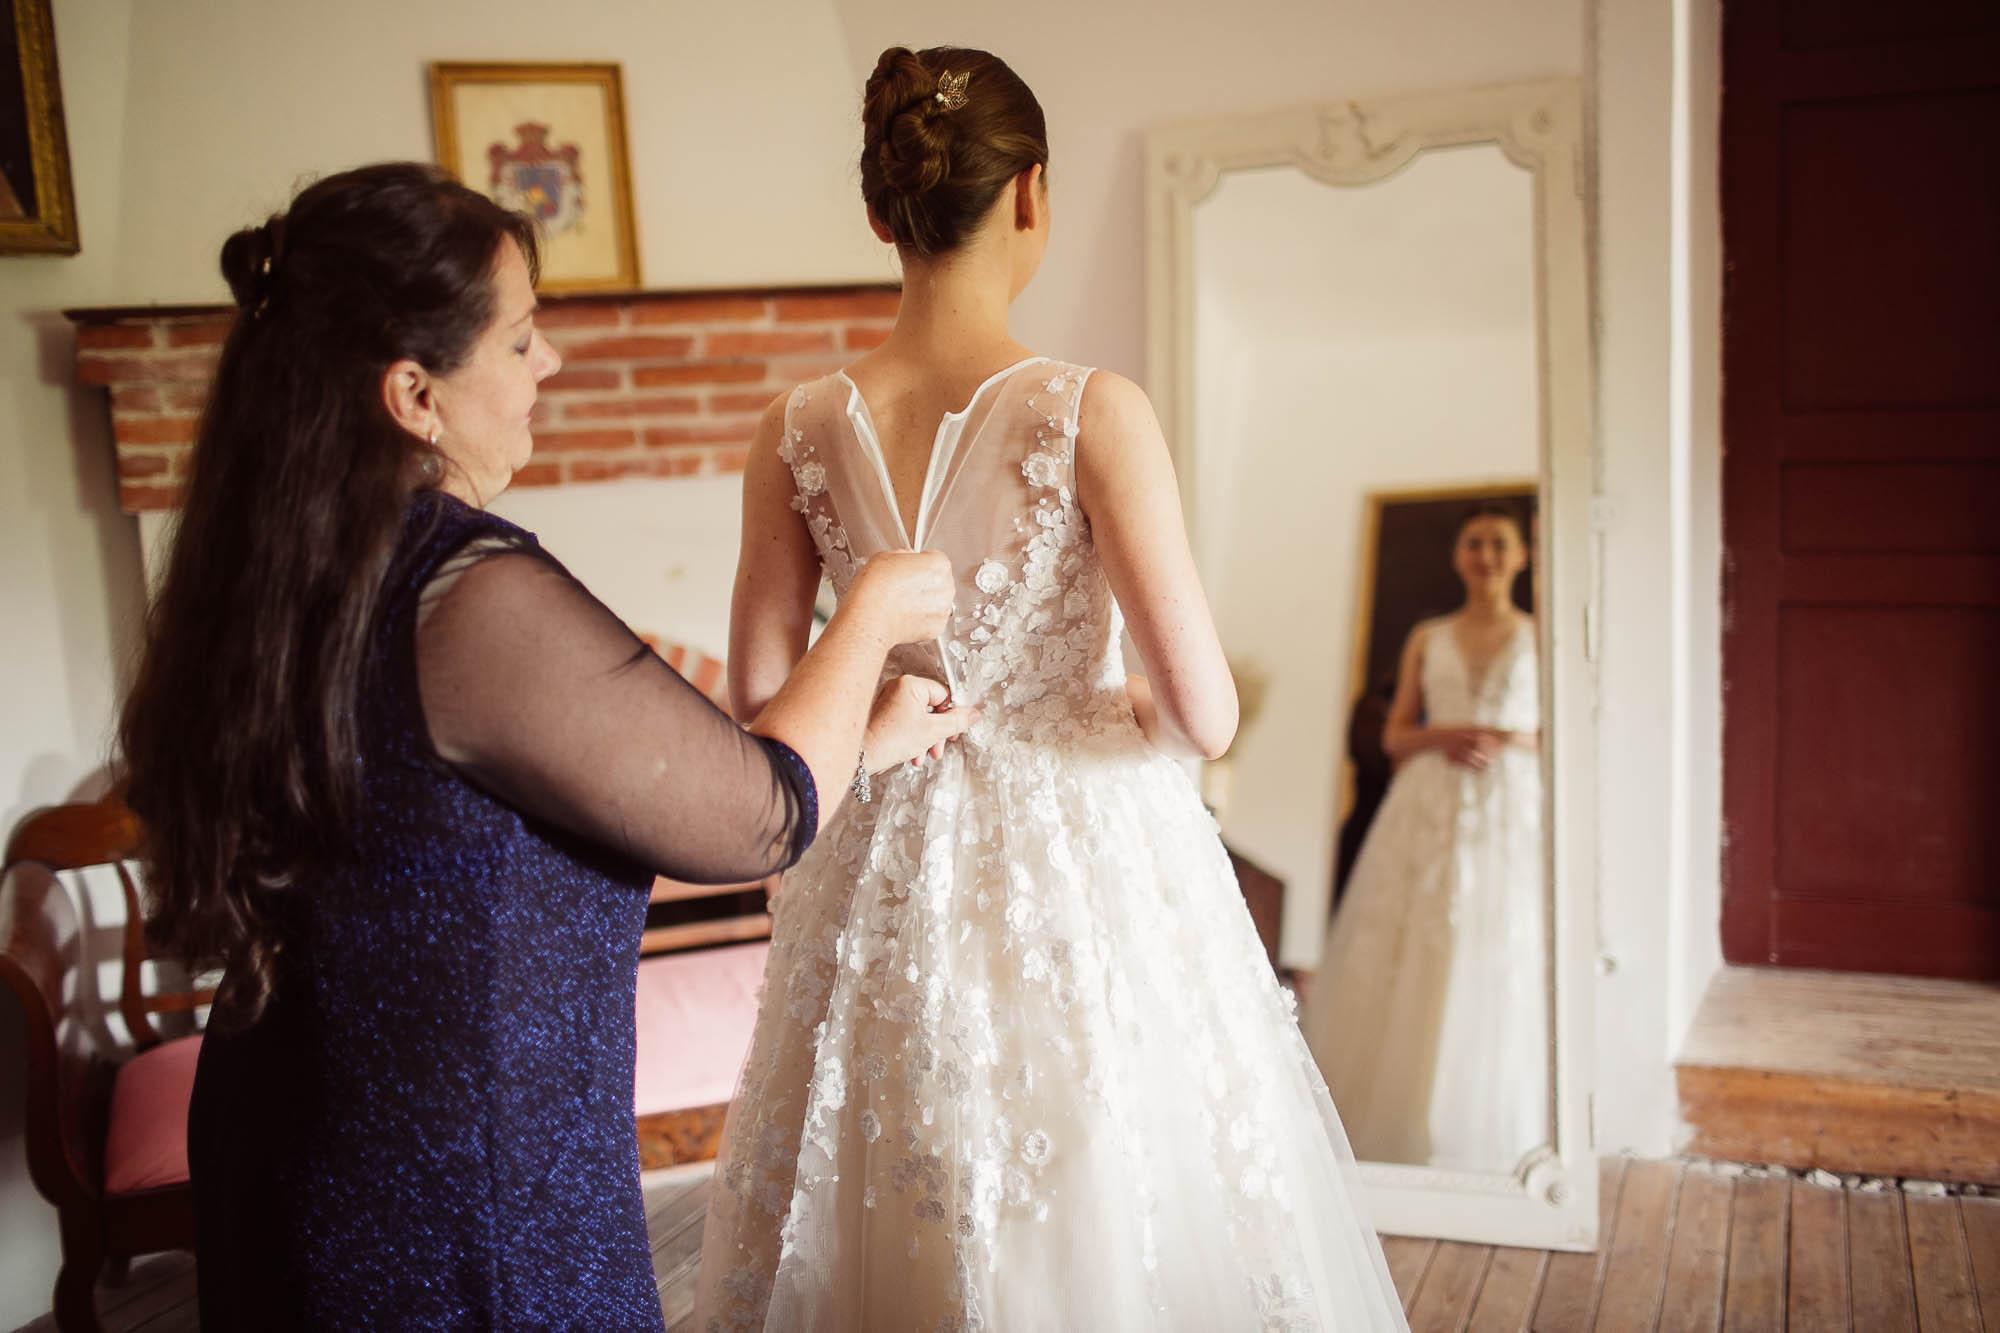 La madre ayuda a cerrar el vestido de la novia